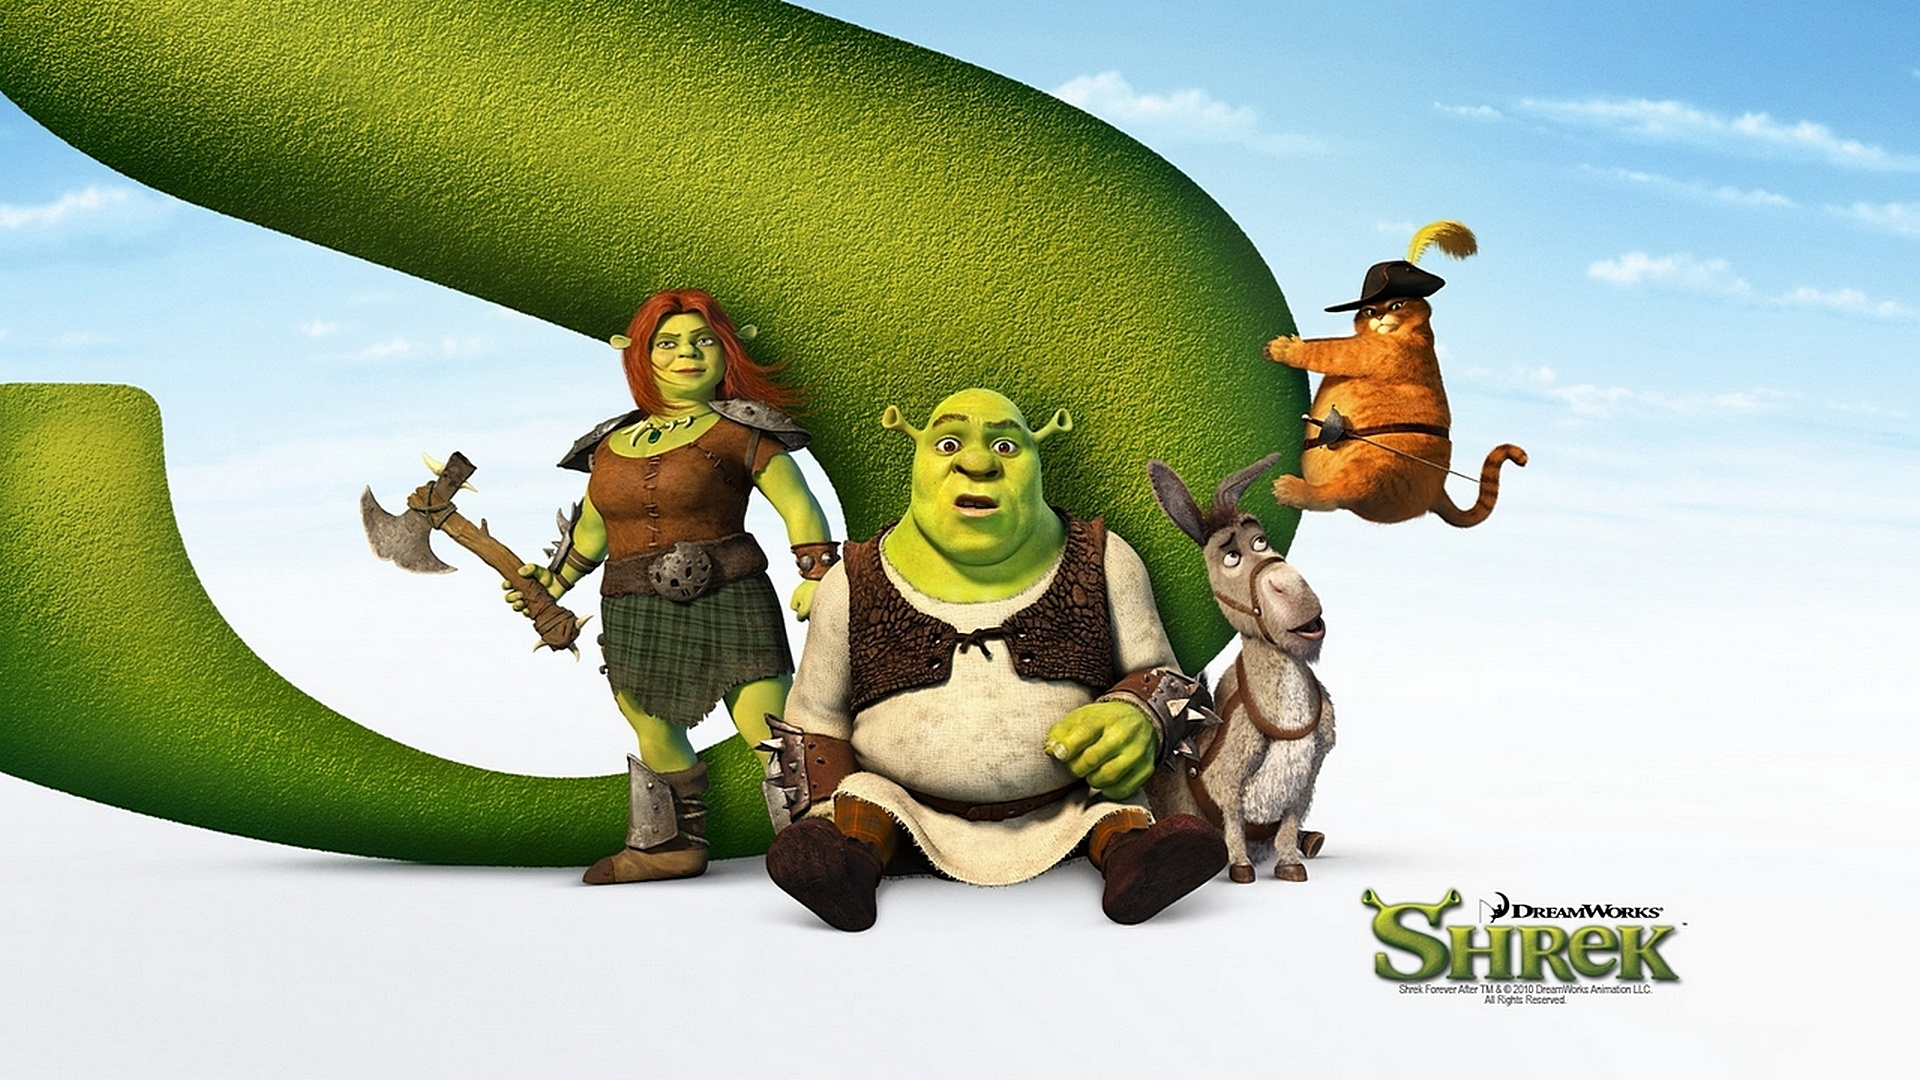 [77+] Shrek Wallpapers on WallpaperSafari